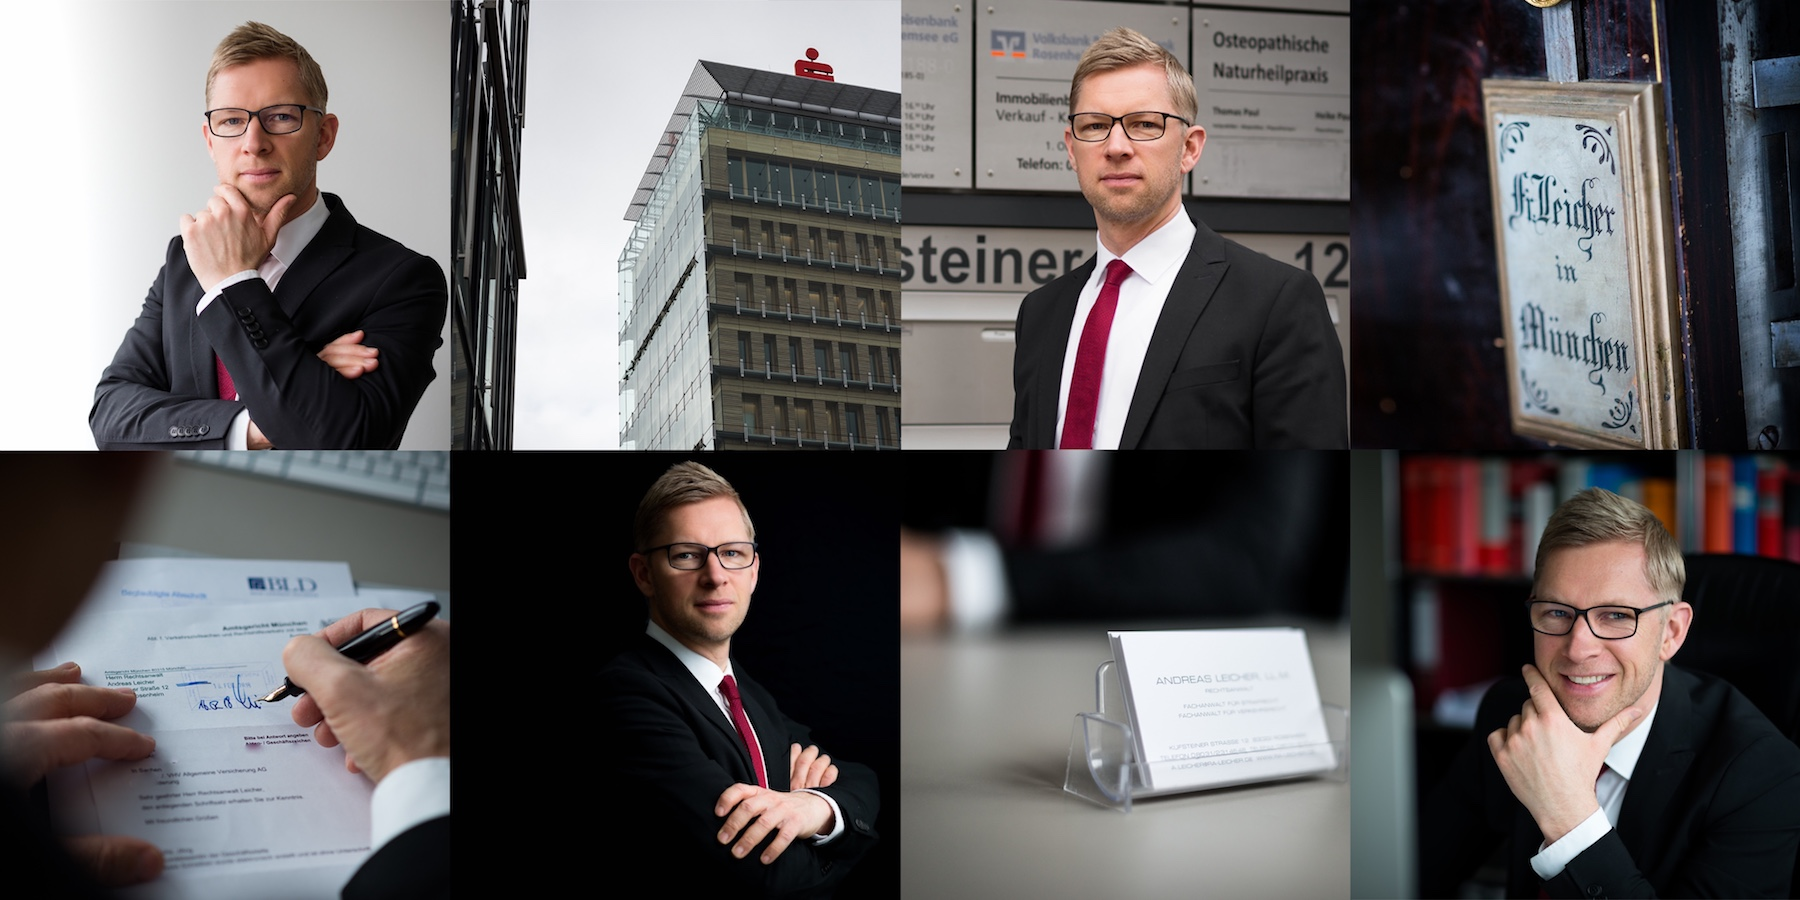 L.L.M. Andreas Leicher - Startseite   Fachanwalt für Strafrecht Rosenheim   Strafverteidiger   Fachanwalt für Verkehrsrecht